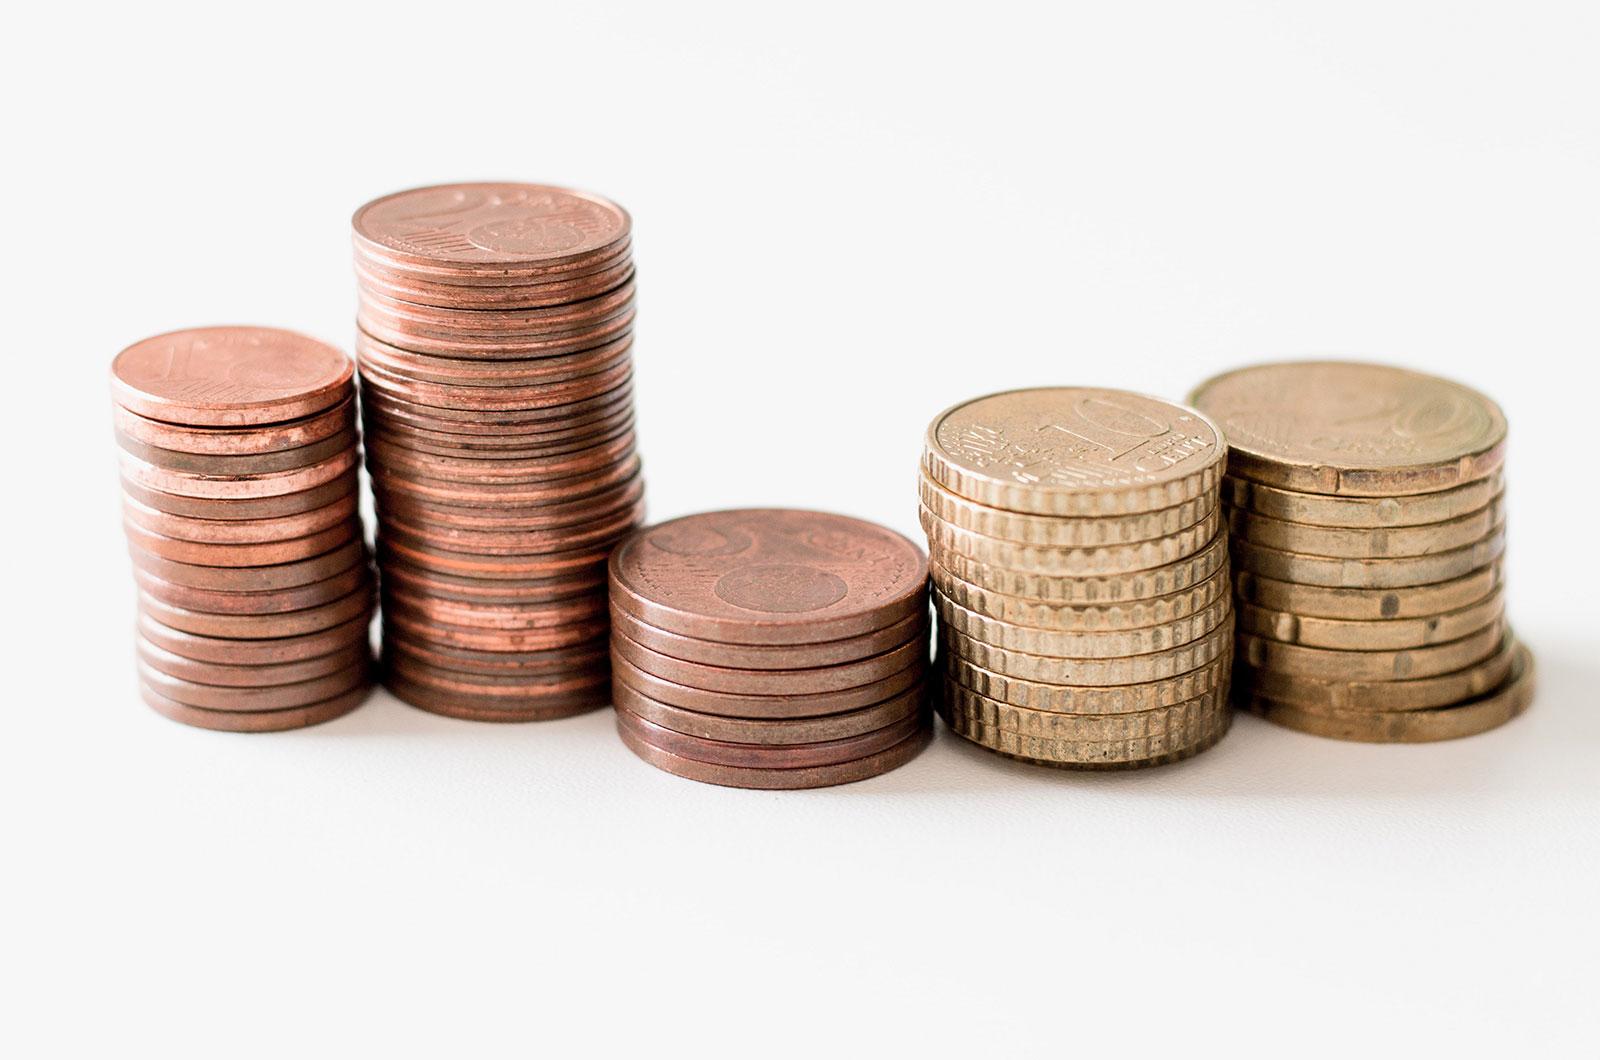 Monedas agrupadas. Concepto de póliza de crédito